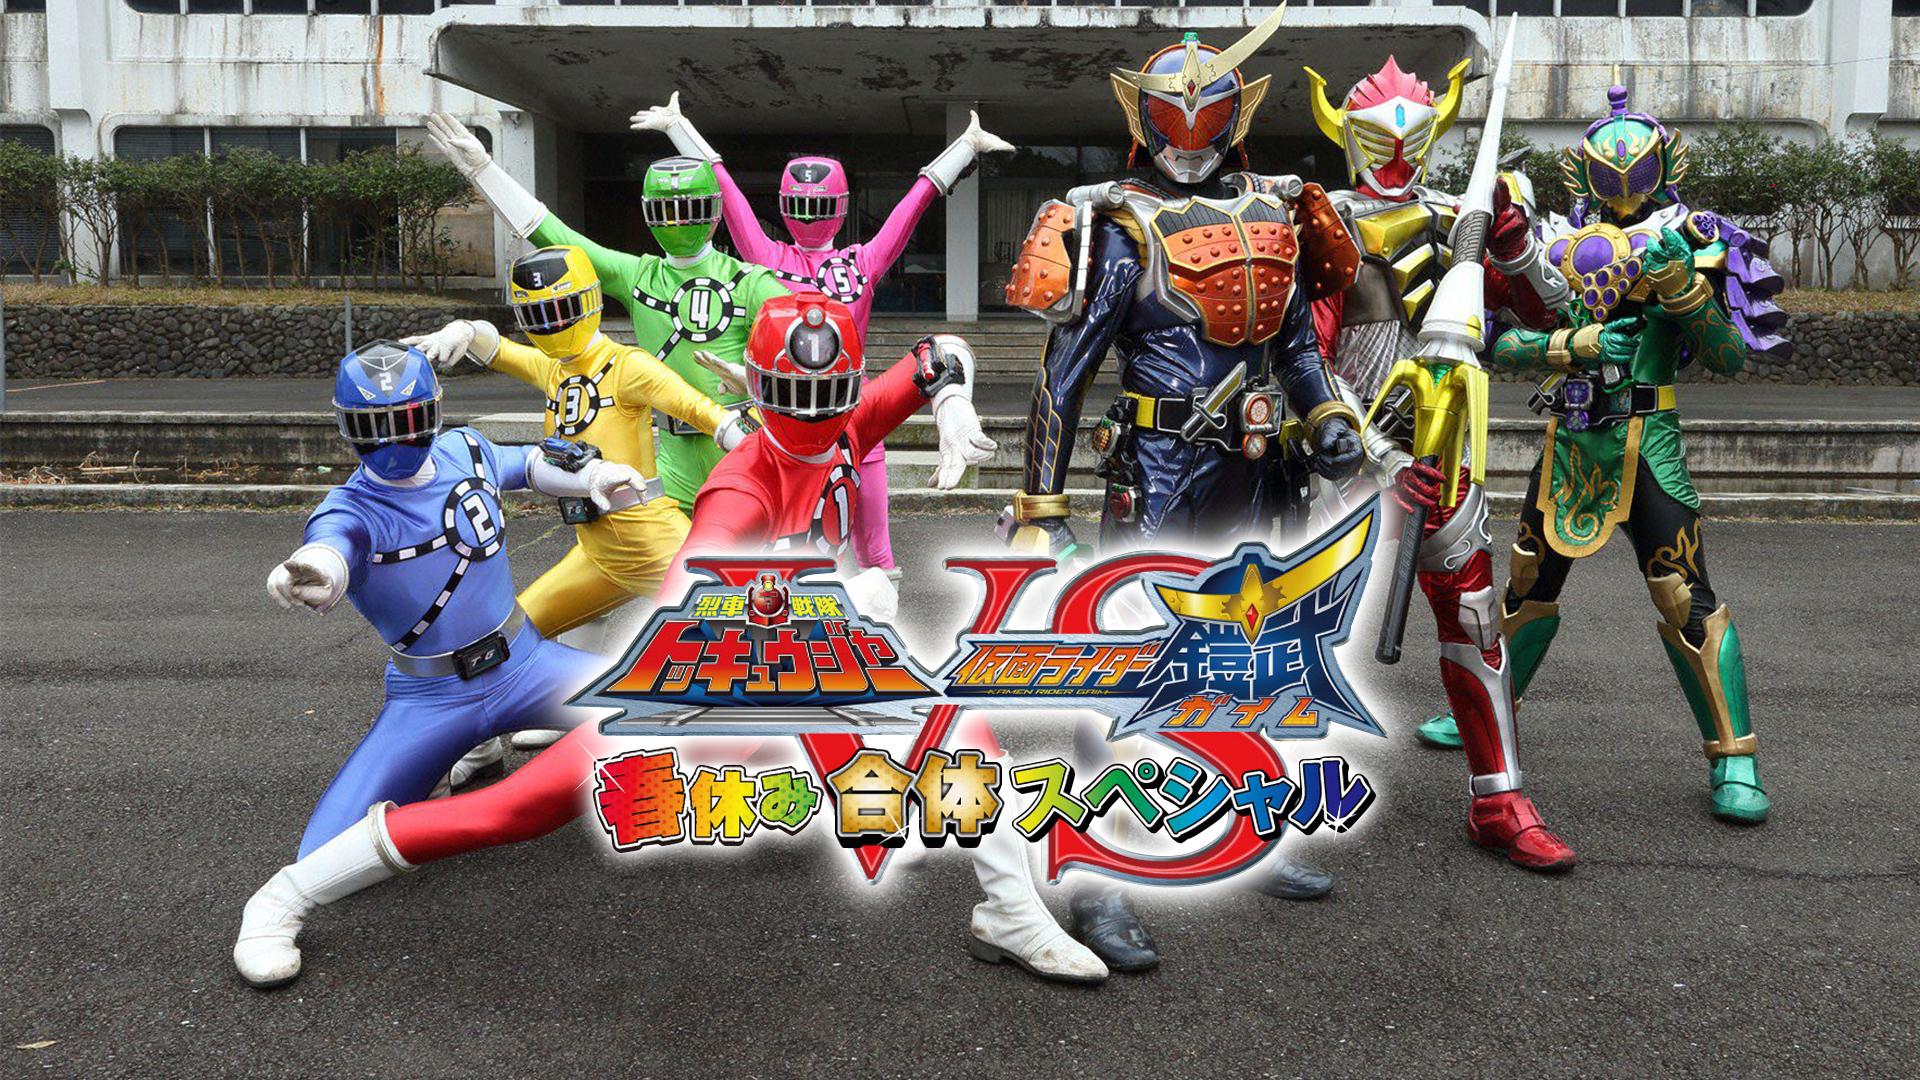 烈車戦隊トッキュウジャーVS仮面ライダー鎧武 春休み合体スペシャル